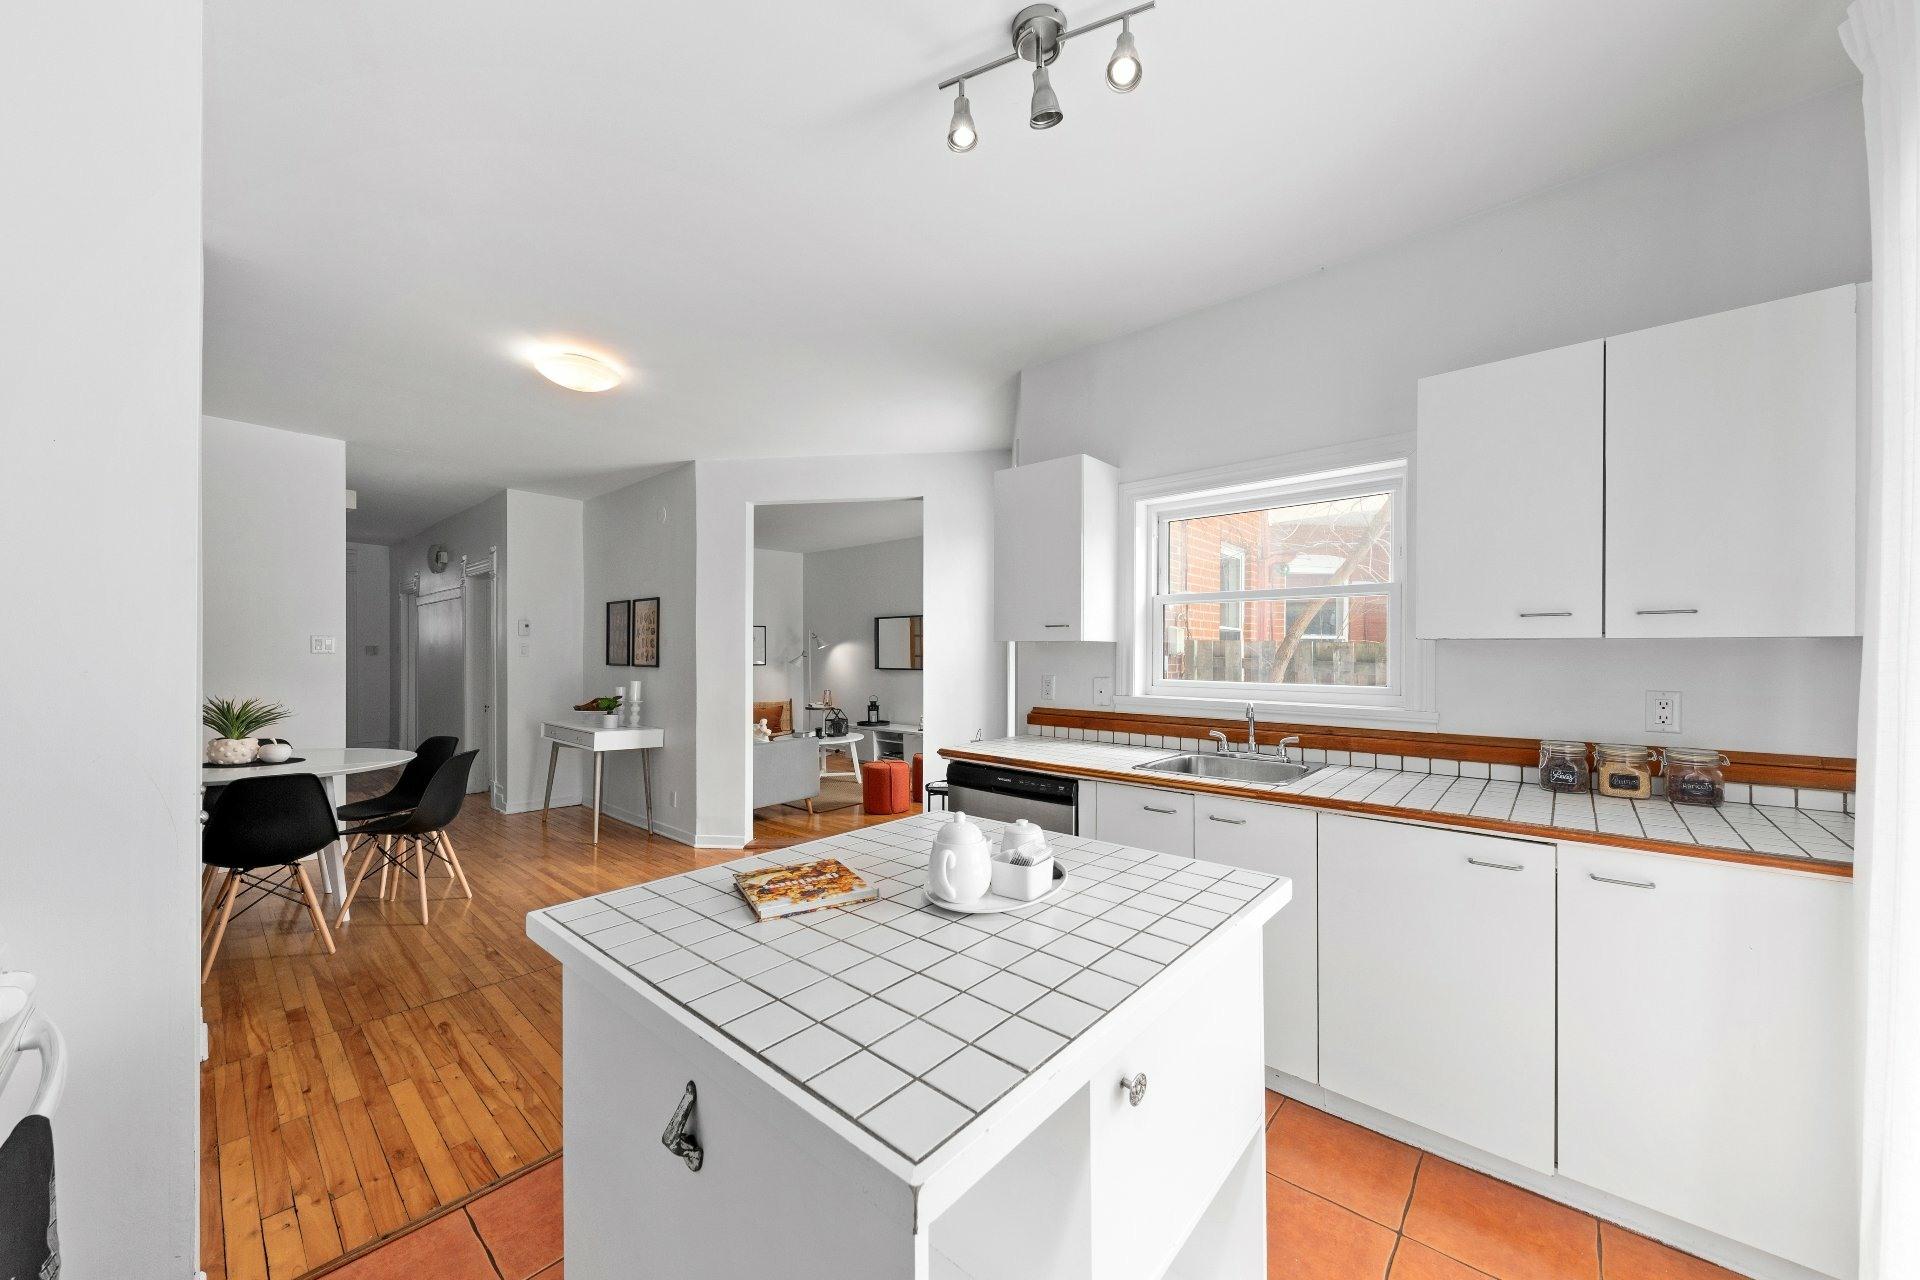 image 19 - Duplex À vendre Le Plateau-Mont-Royal Montréal  - 5 pièces